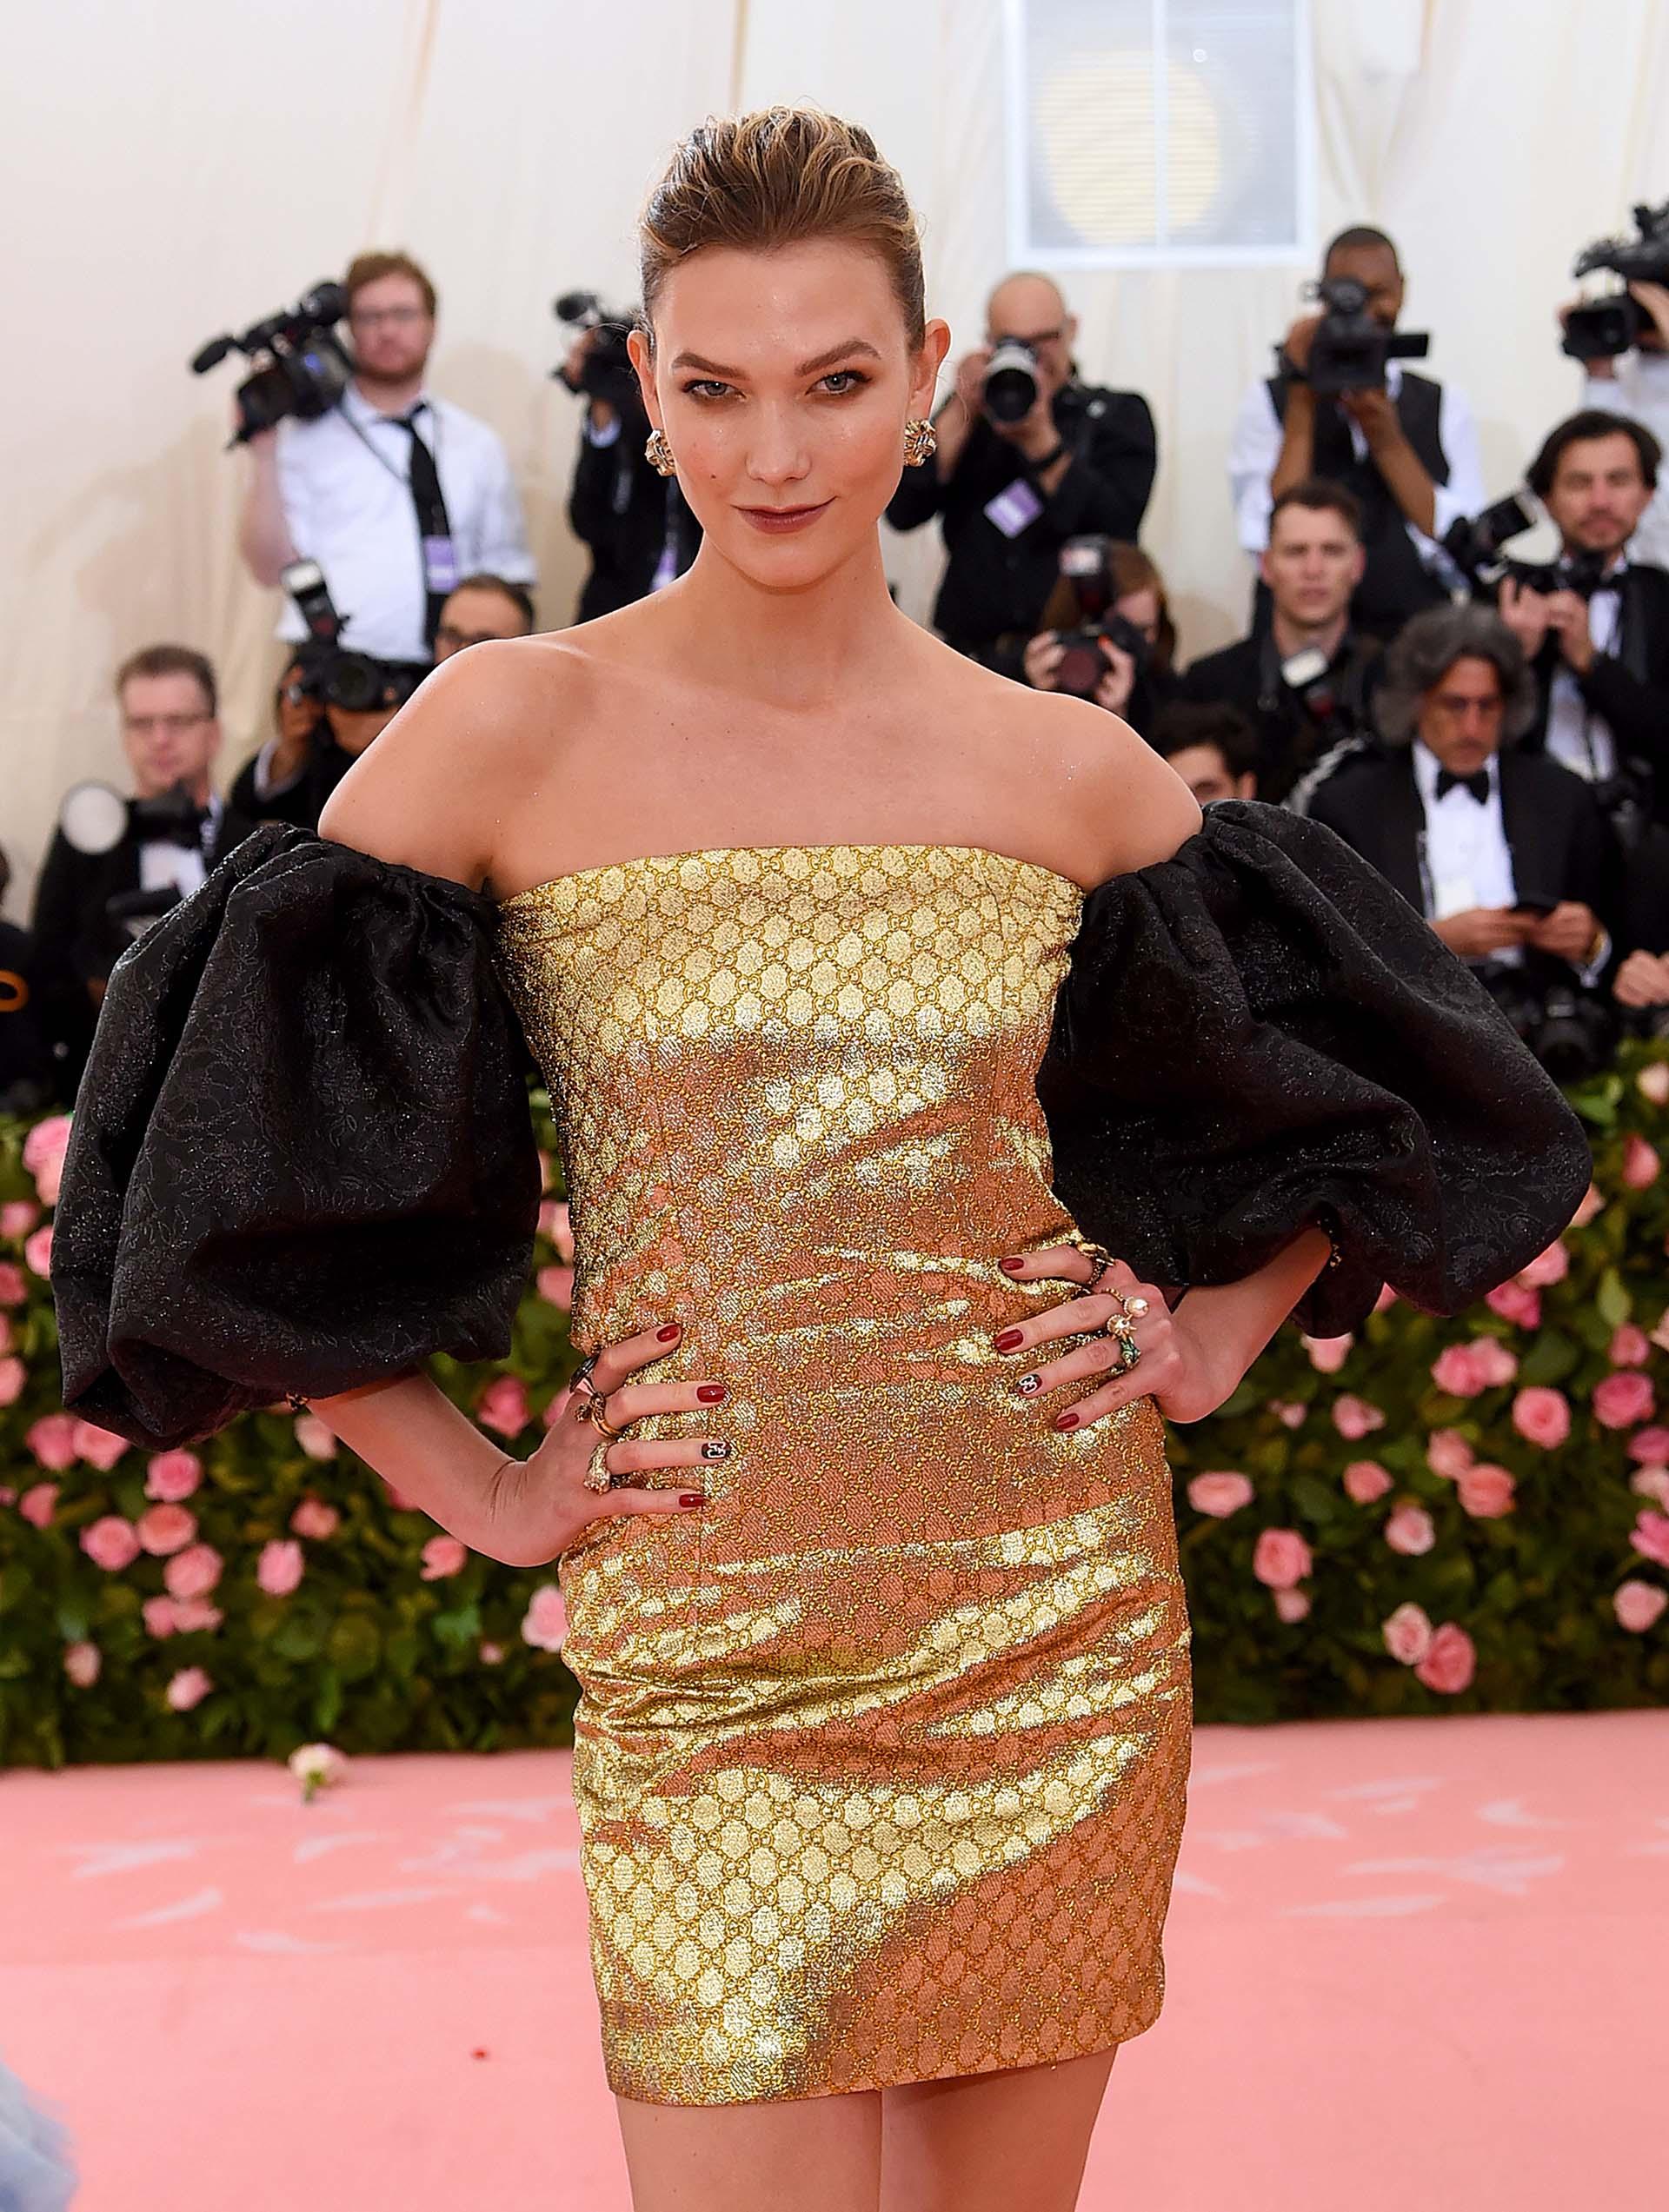 La modelo de Victoria's SecretKarlie Kloss se presentó en un mini vestido dorado con mangas negras abultadas